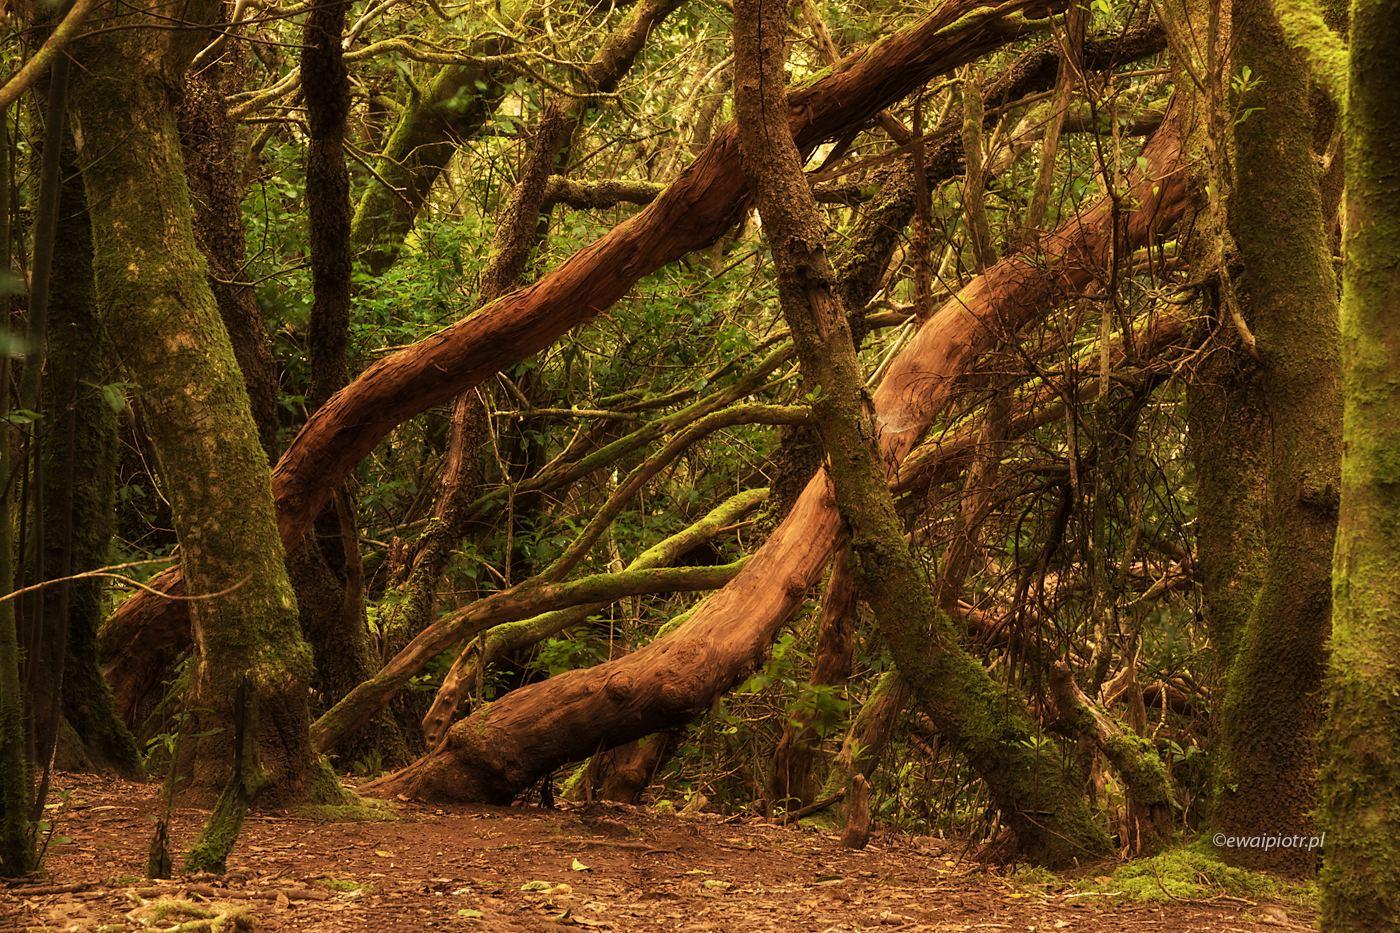 Las wawrzynolistny, Teneryfa, Wyspy Kanaryjskie, drzewa, laurasilva, omszałe drzewa